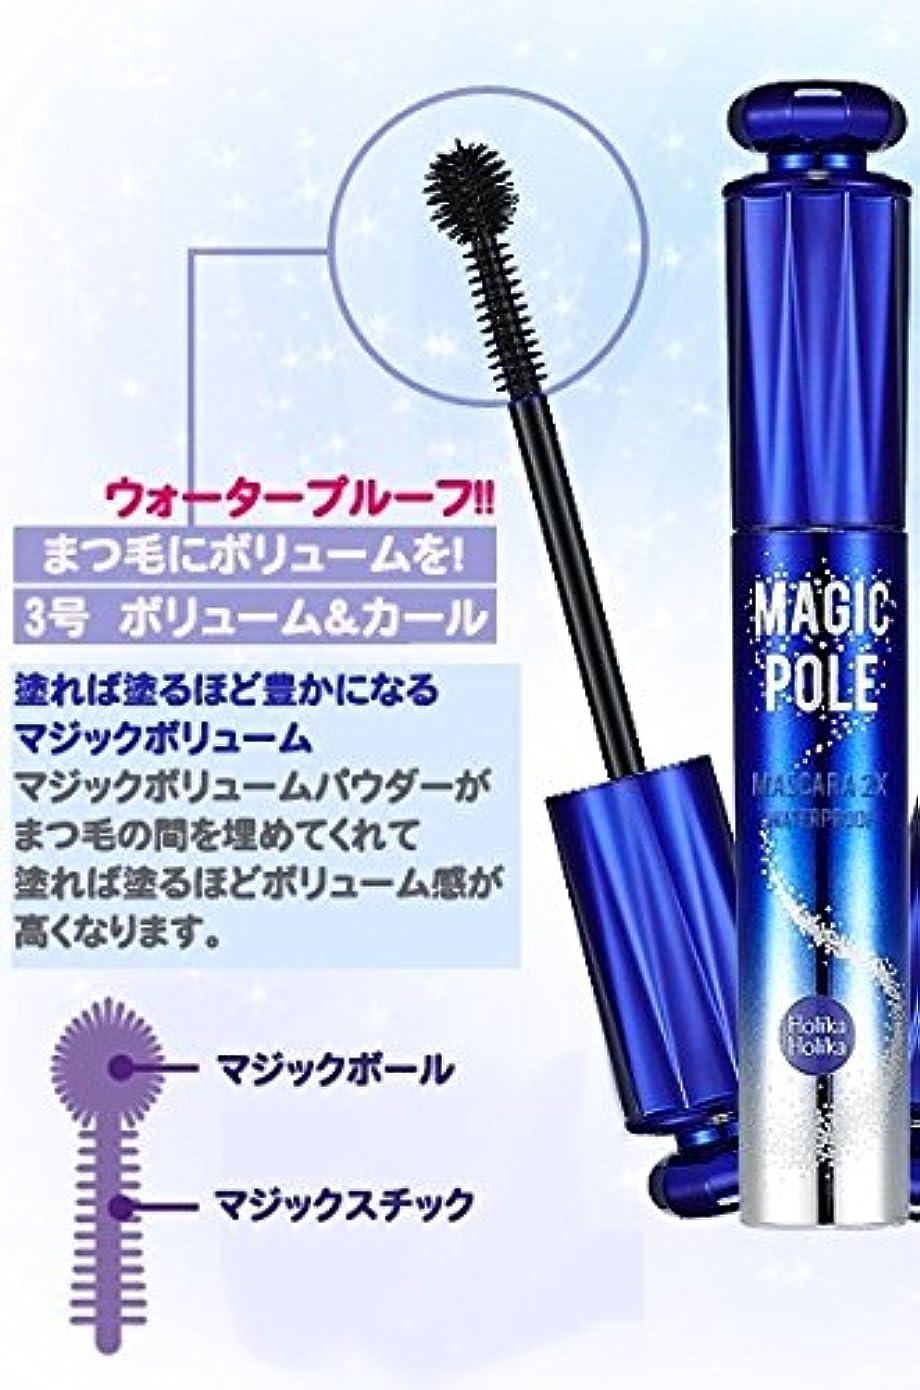 戦士説教する補うHolika Holika ホリカホリカ マジックポールマスカラ 2X 4類 (Magic Pole Mascara 2X) 海外直送品 (3号 ボリューム&カール)